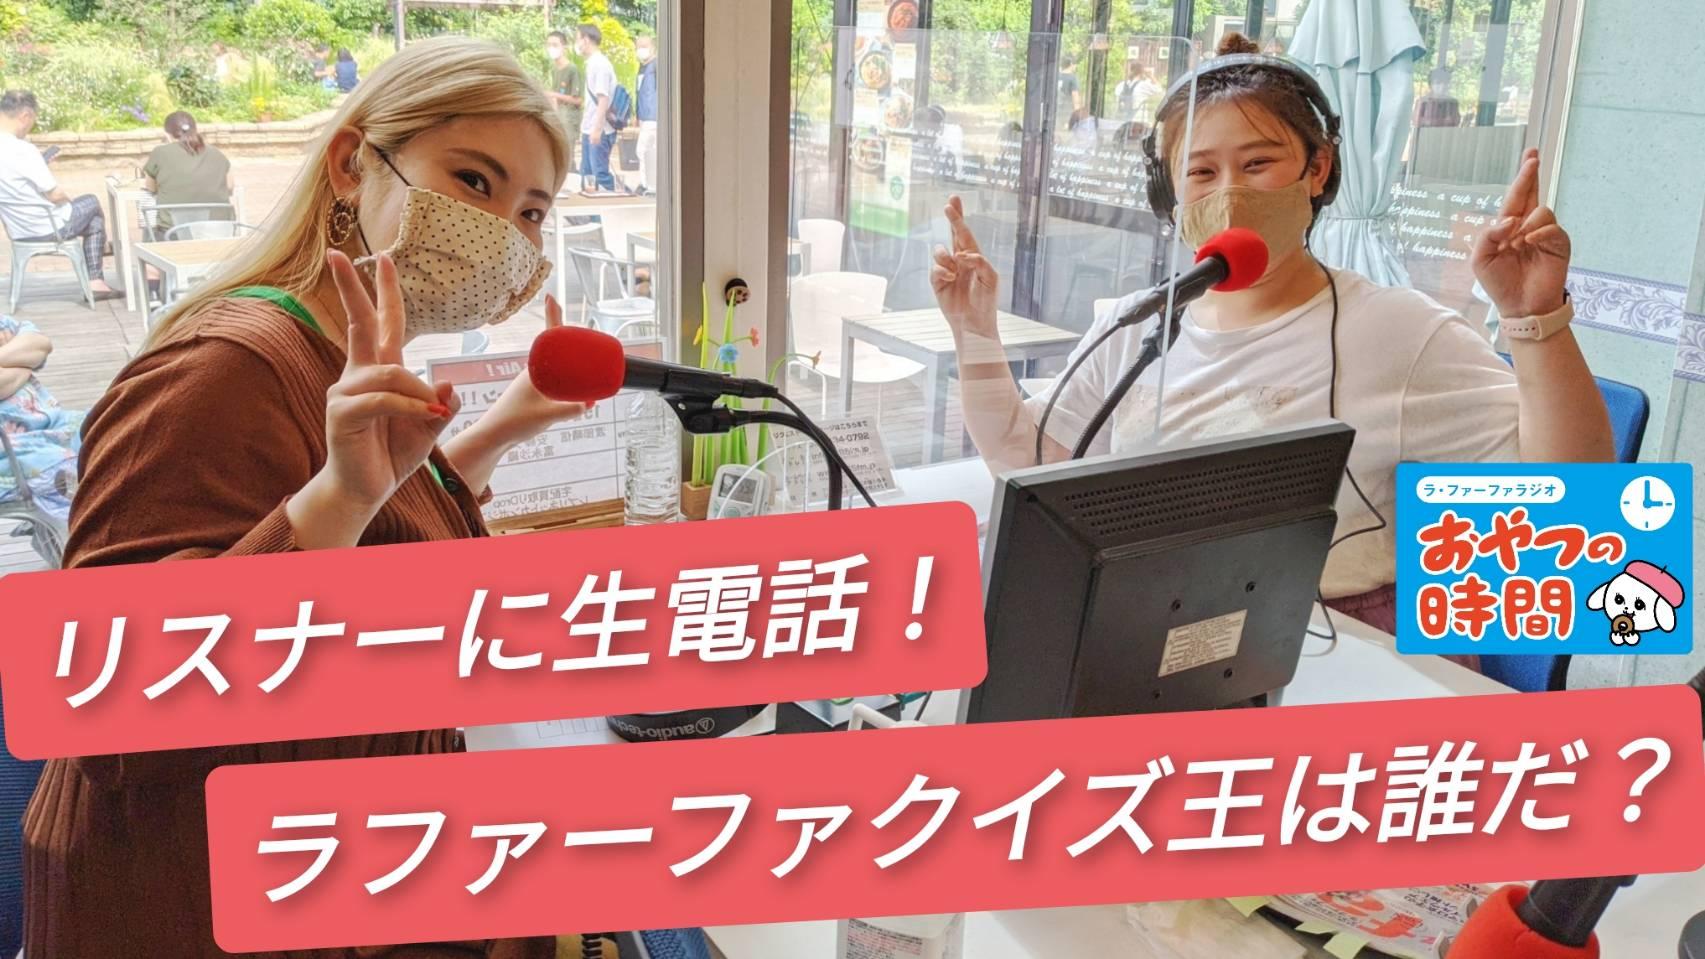 【動画公開】クイズ企画に挑戦『ラファーファラジオ おやつの時間』#9(6/13放送分)